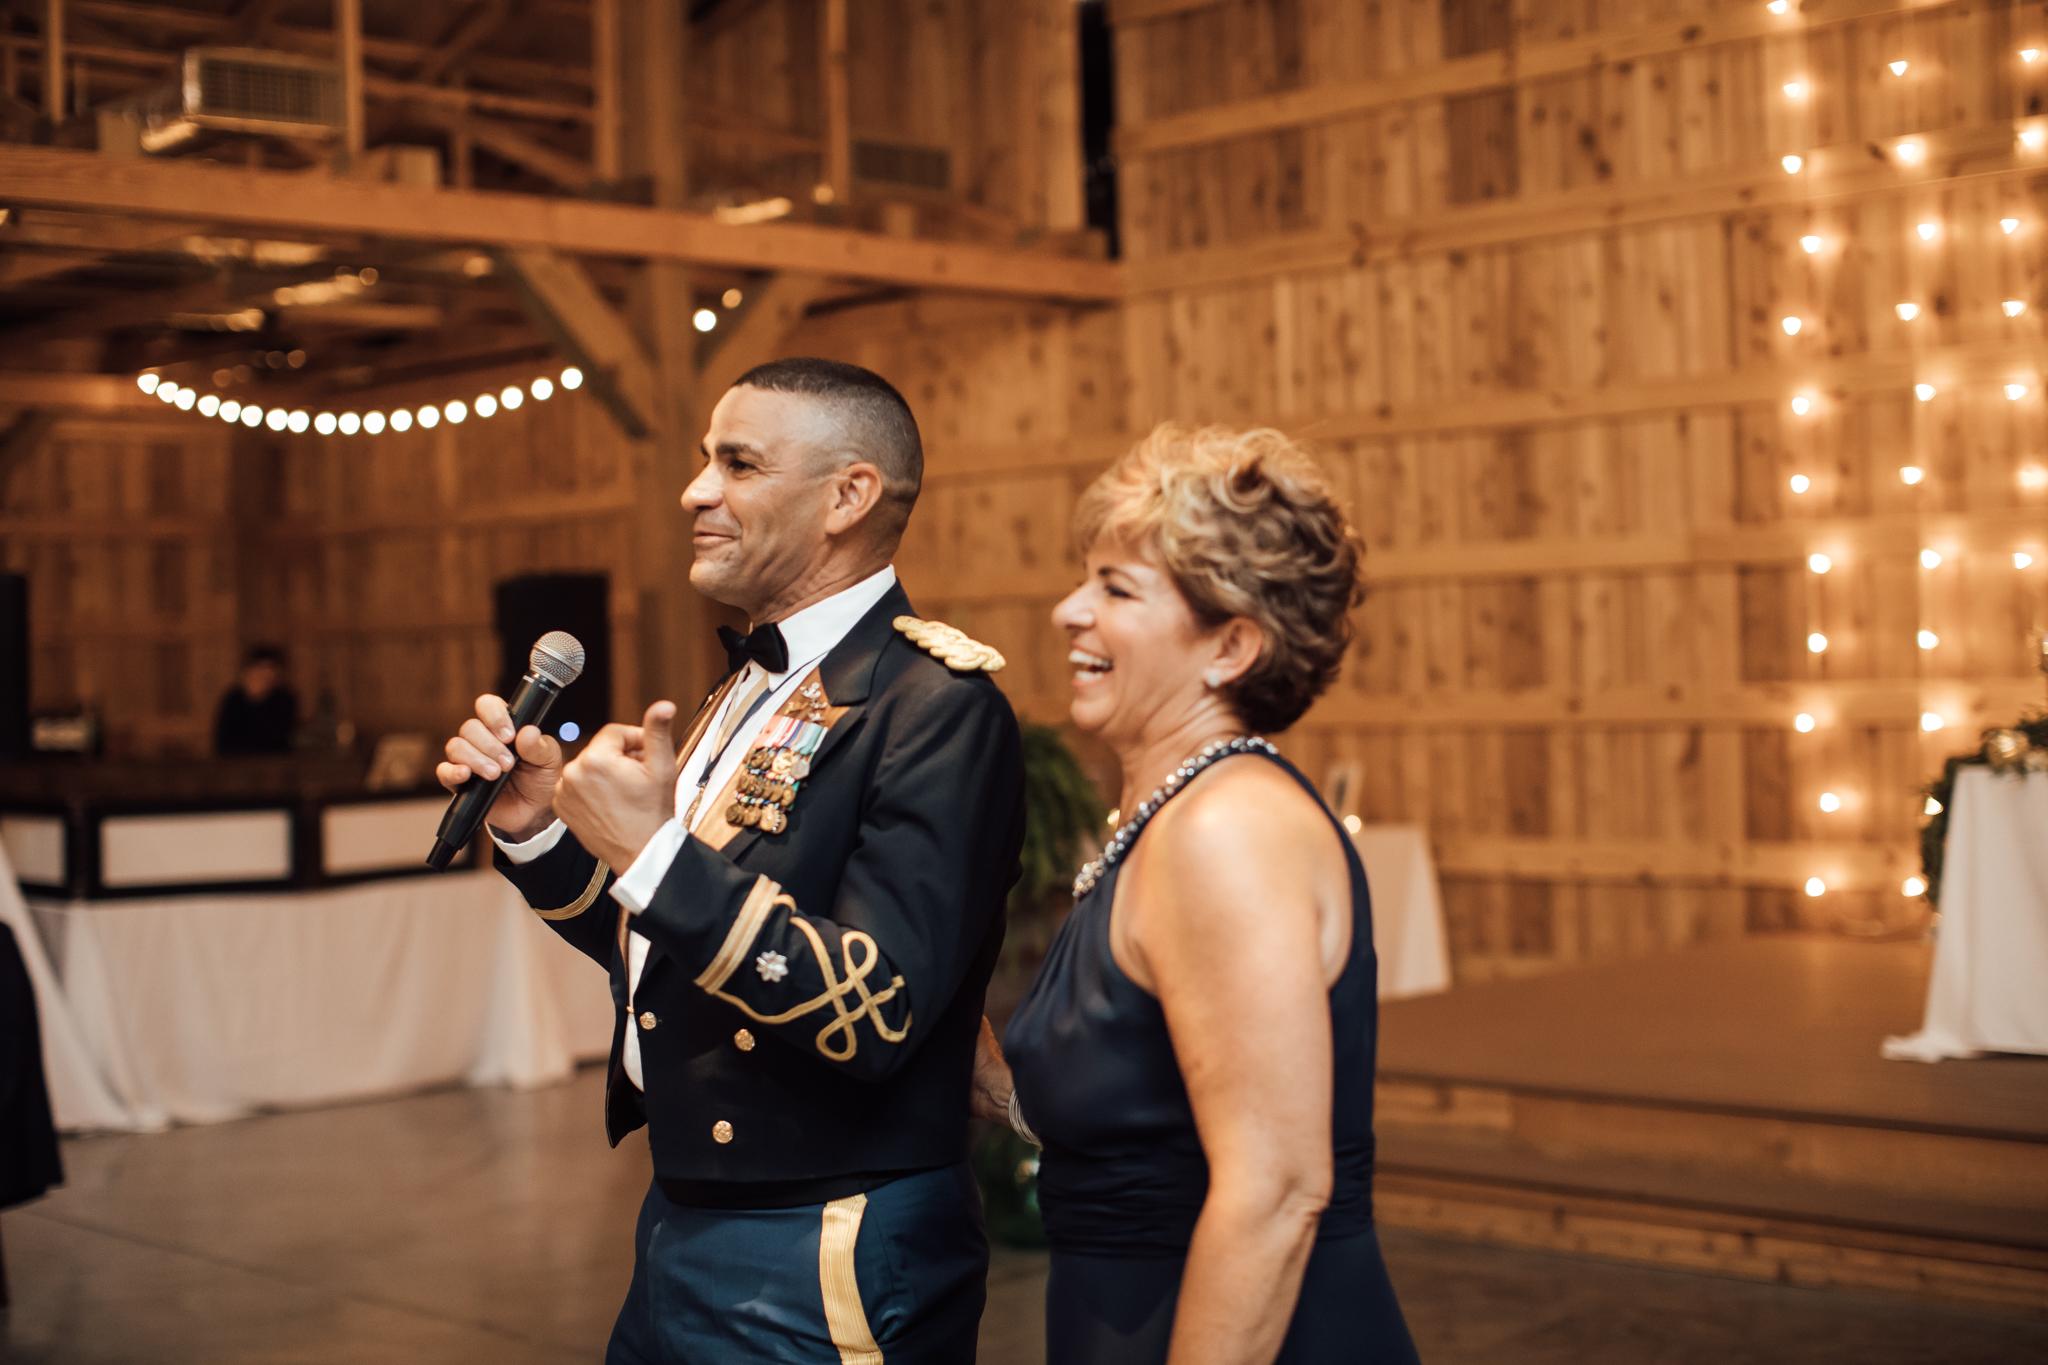 saddlewoodsfarms-nashville-wedding-photographer-thewarmtharoundyou-rustic-wedding (57 of 251).jpg